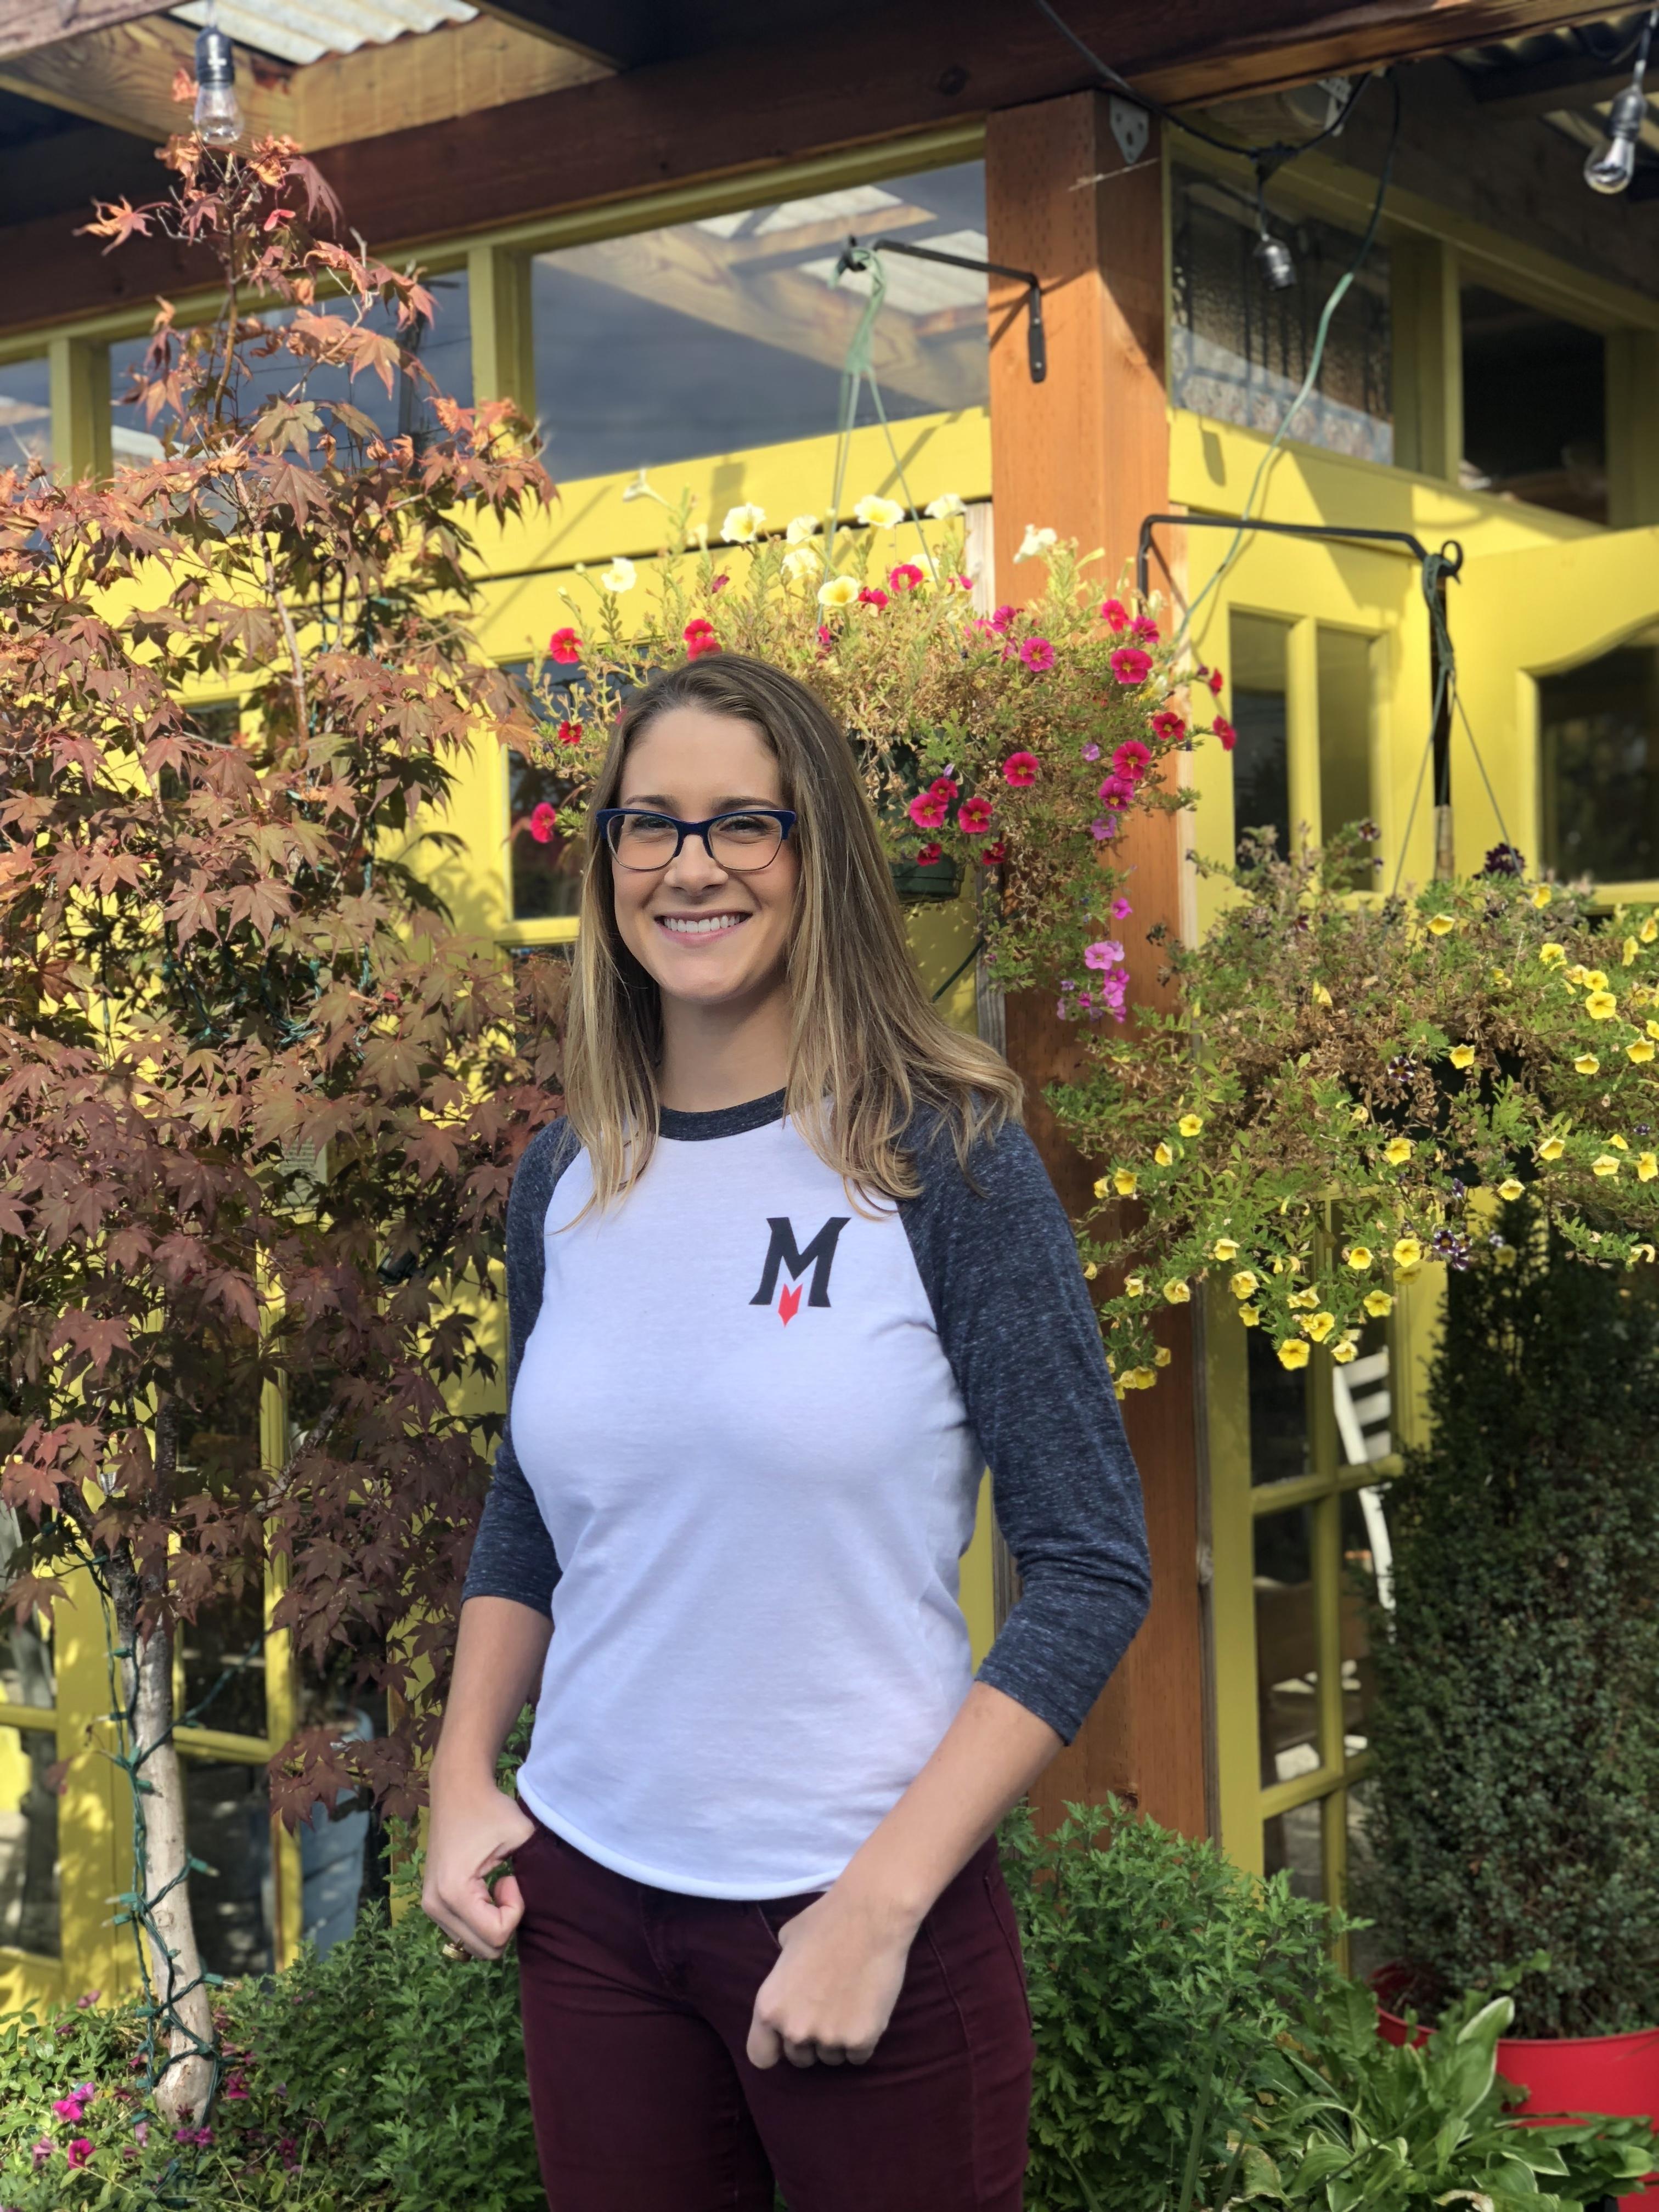 Holly Amlin PDXBeerGirl Portland Beer Podcast episode 89 by Steven Shomler